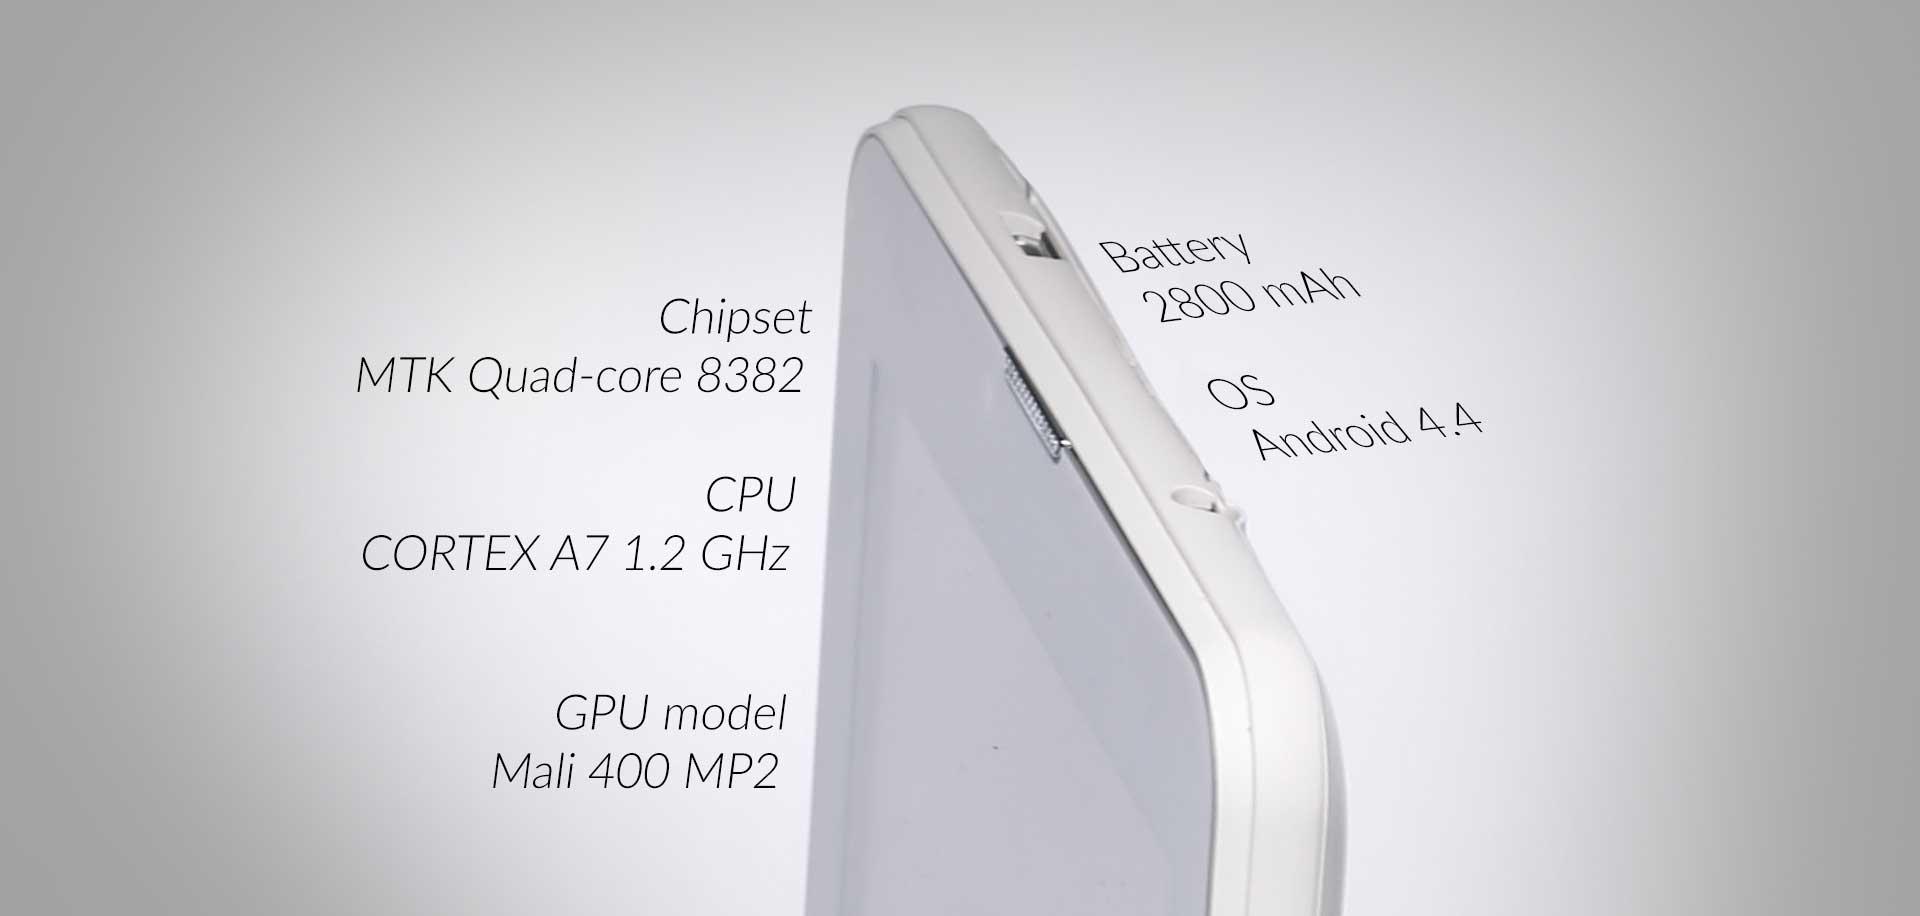 chipset-etc-874